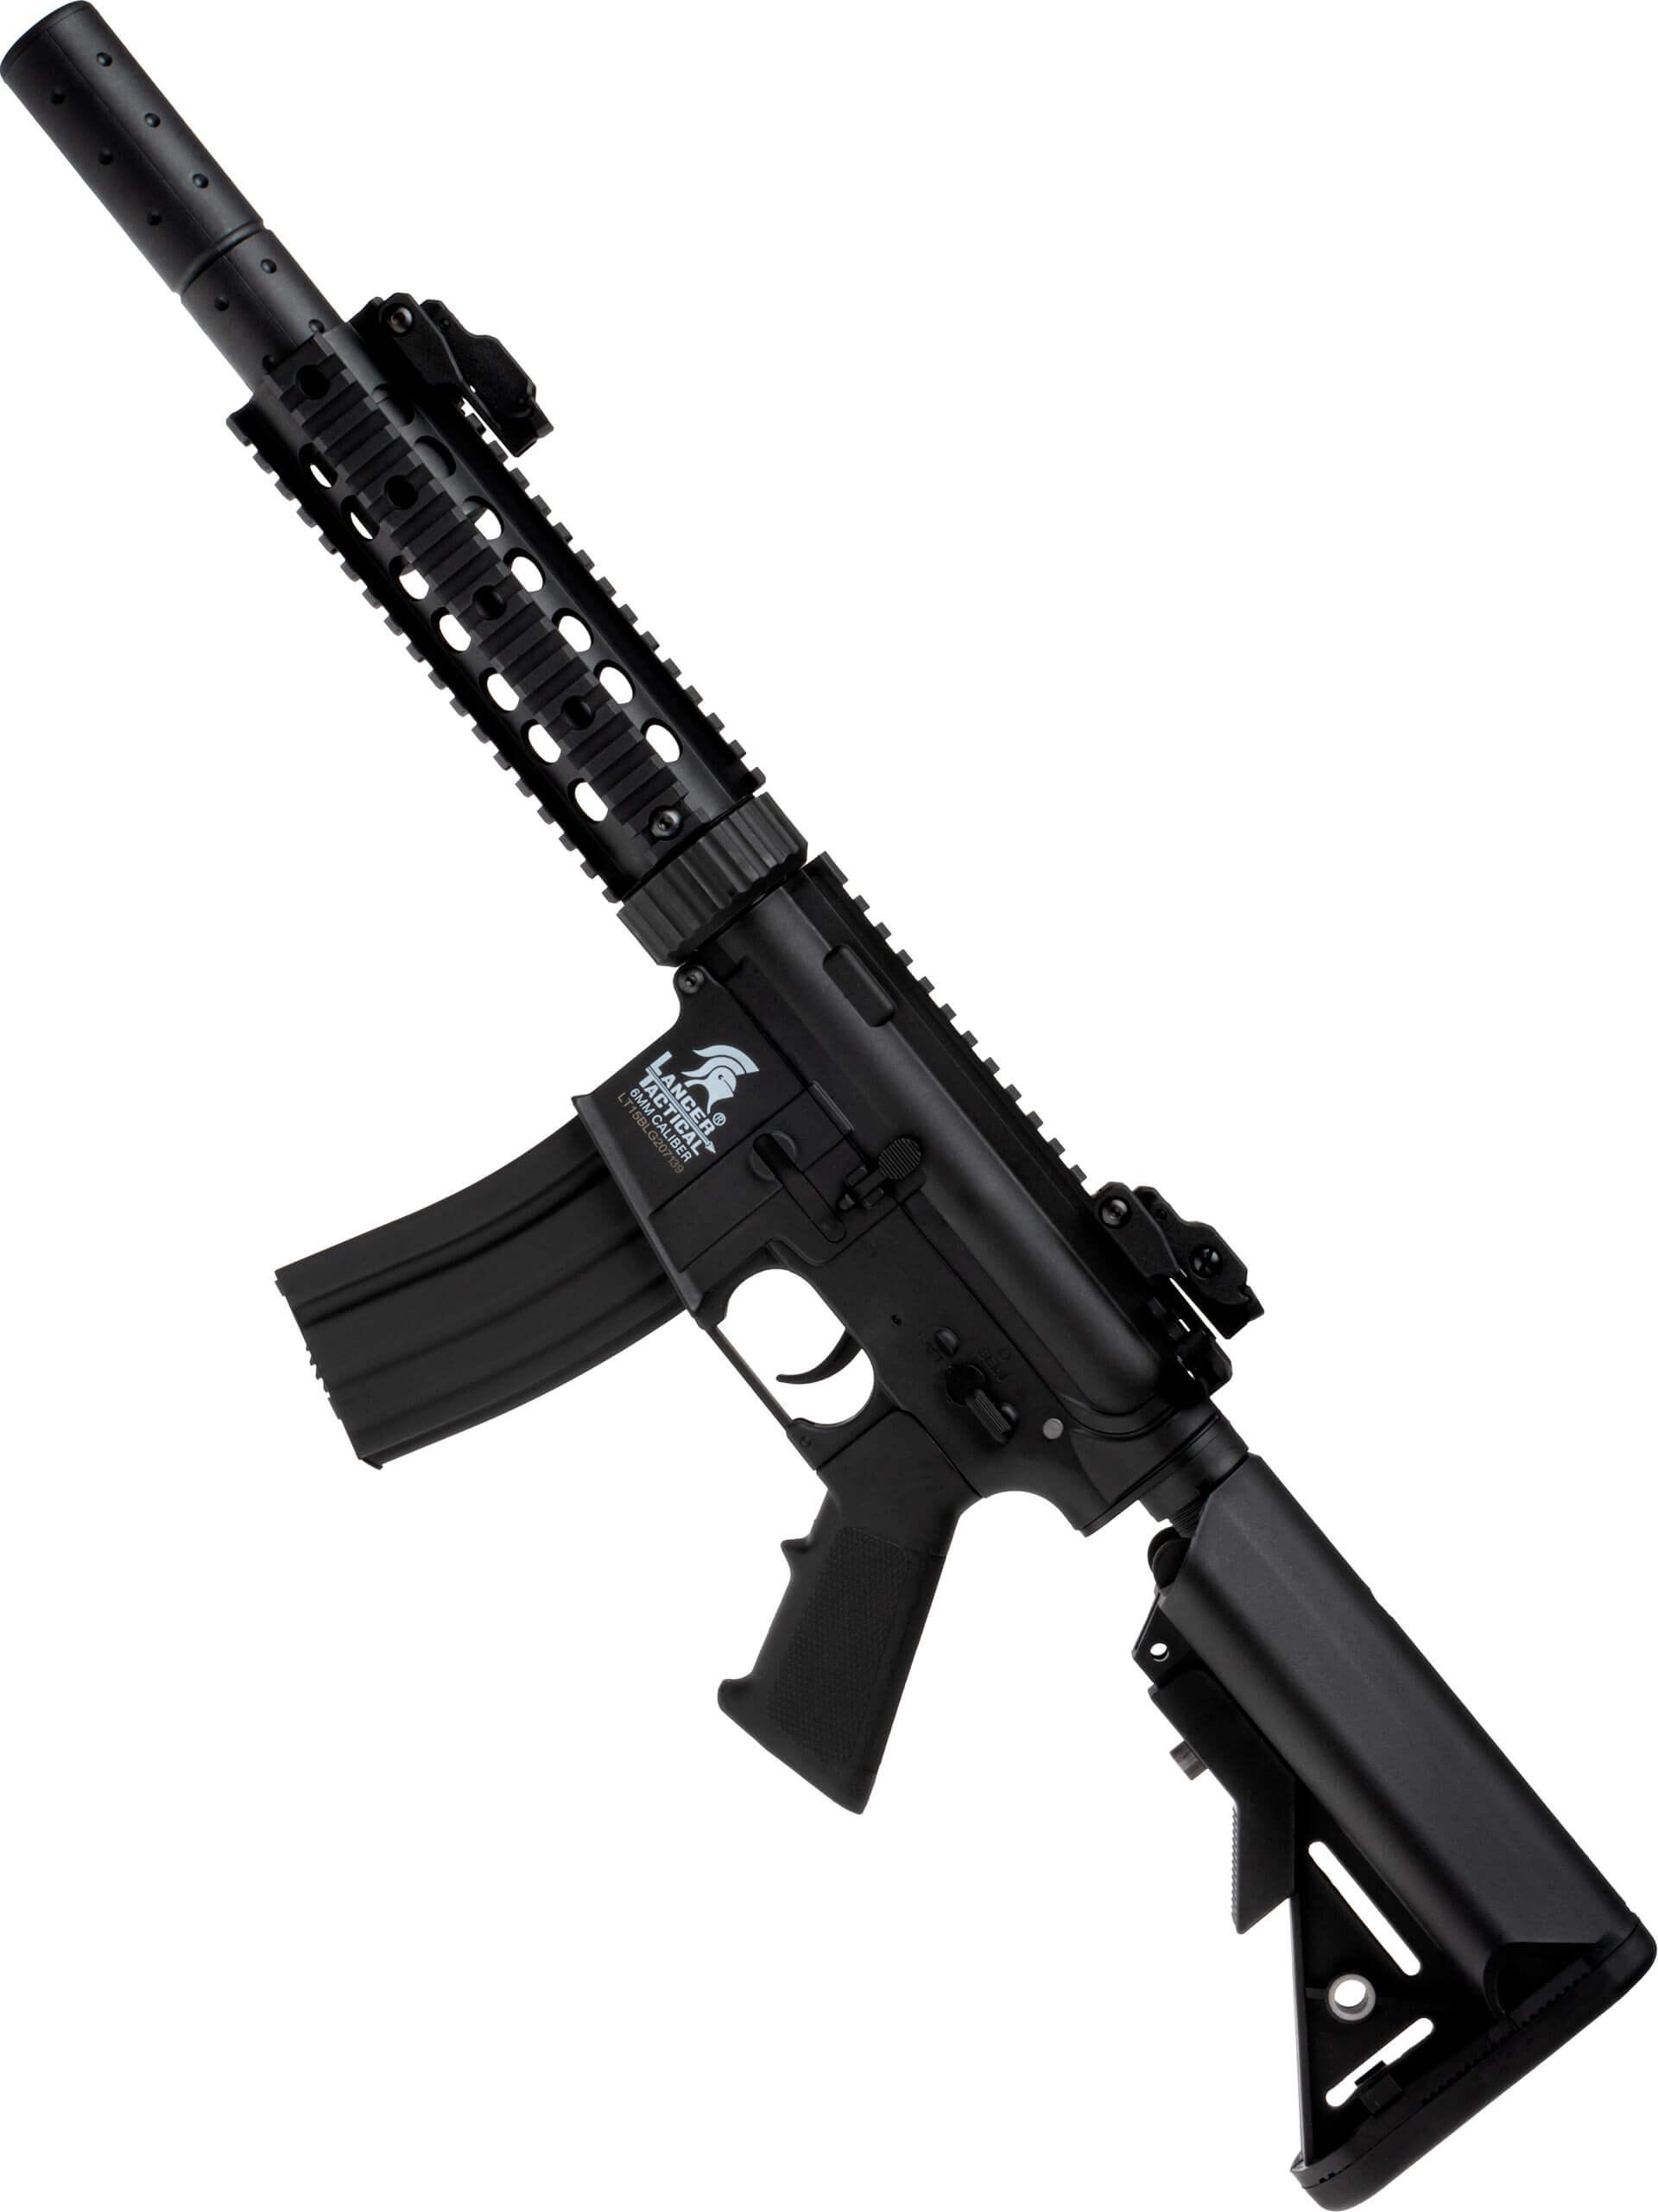 Lancer Tactical LT-15 M4 SD AEG GEN 2